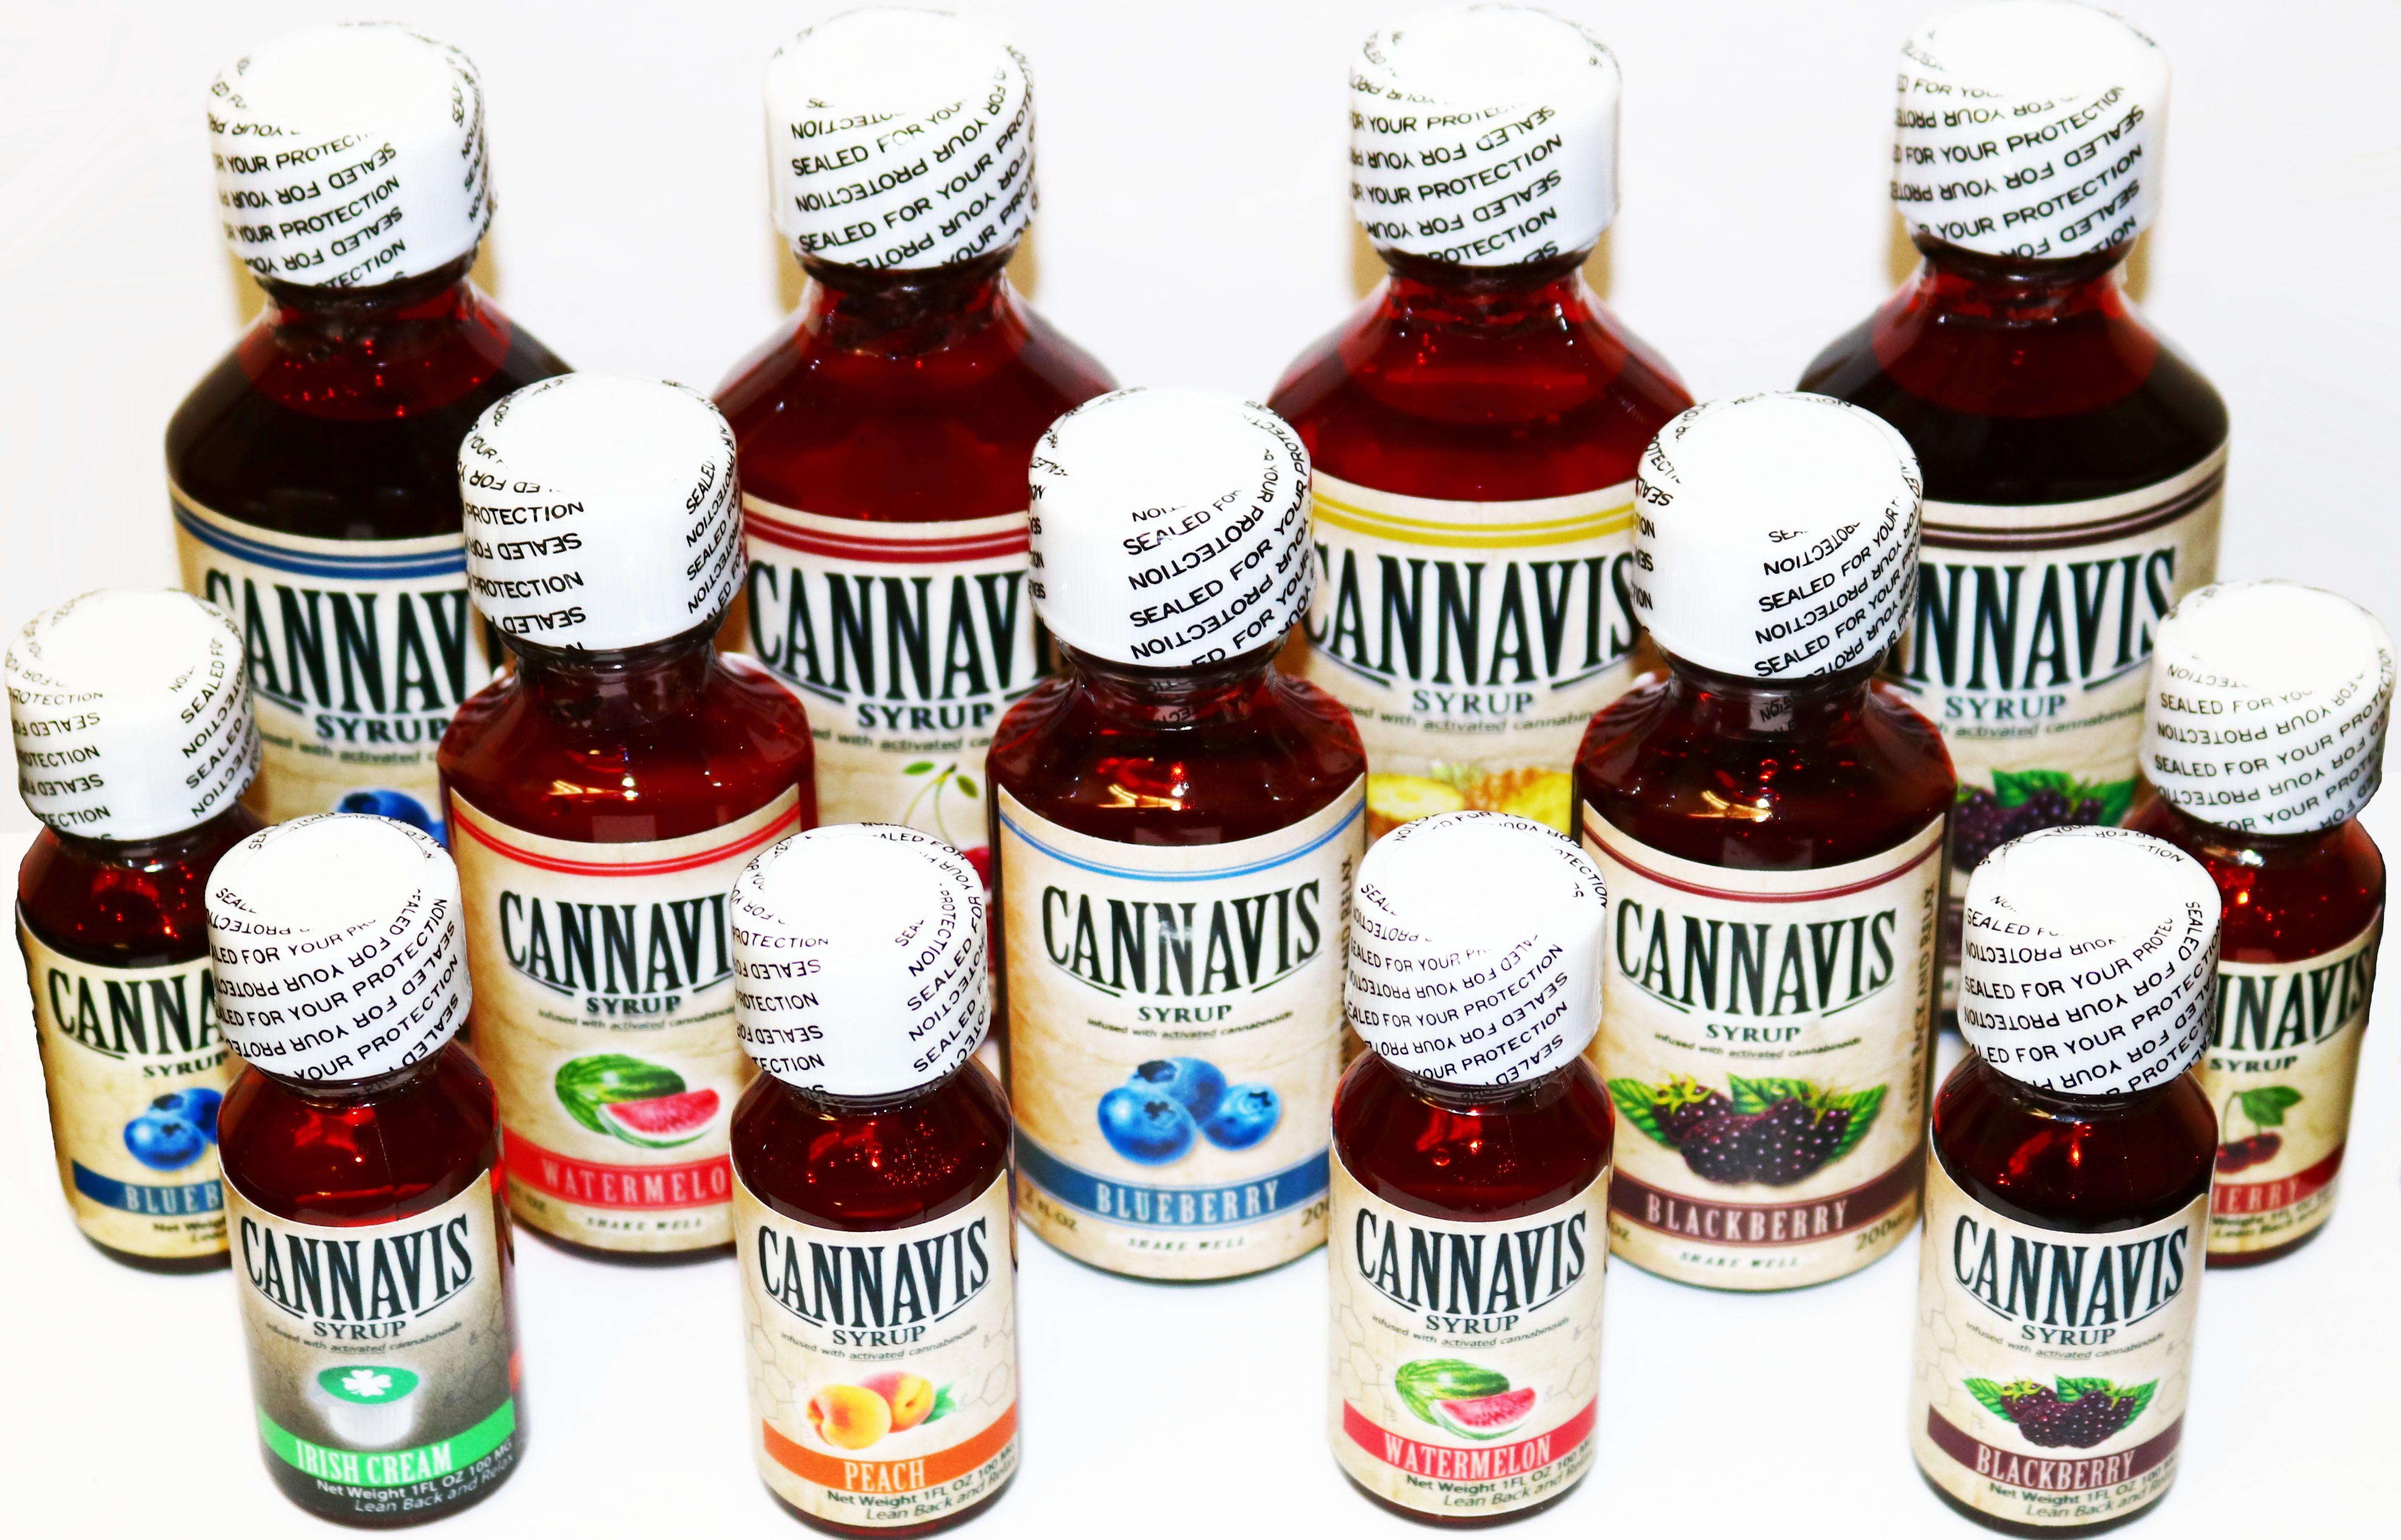 Cannavis Syrup - CBD 100mg